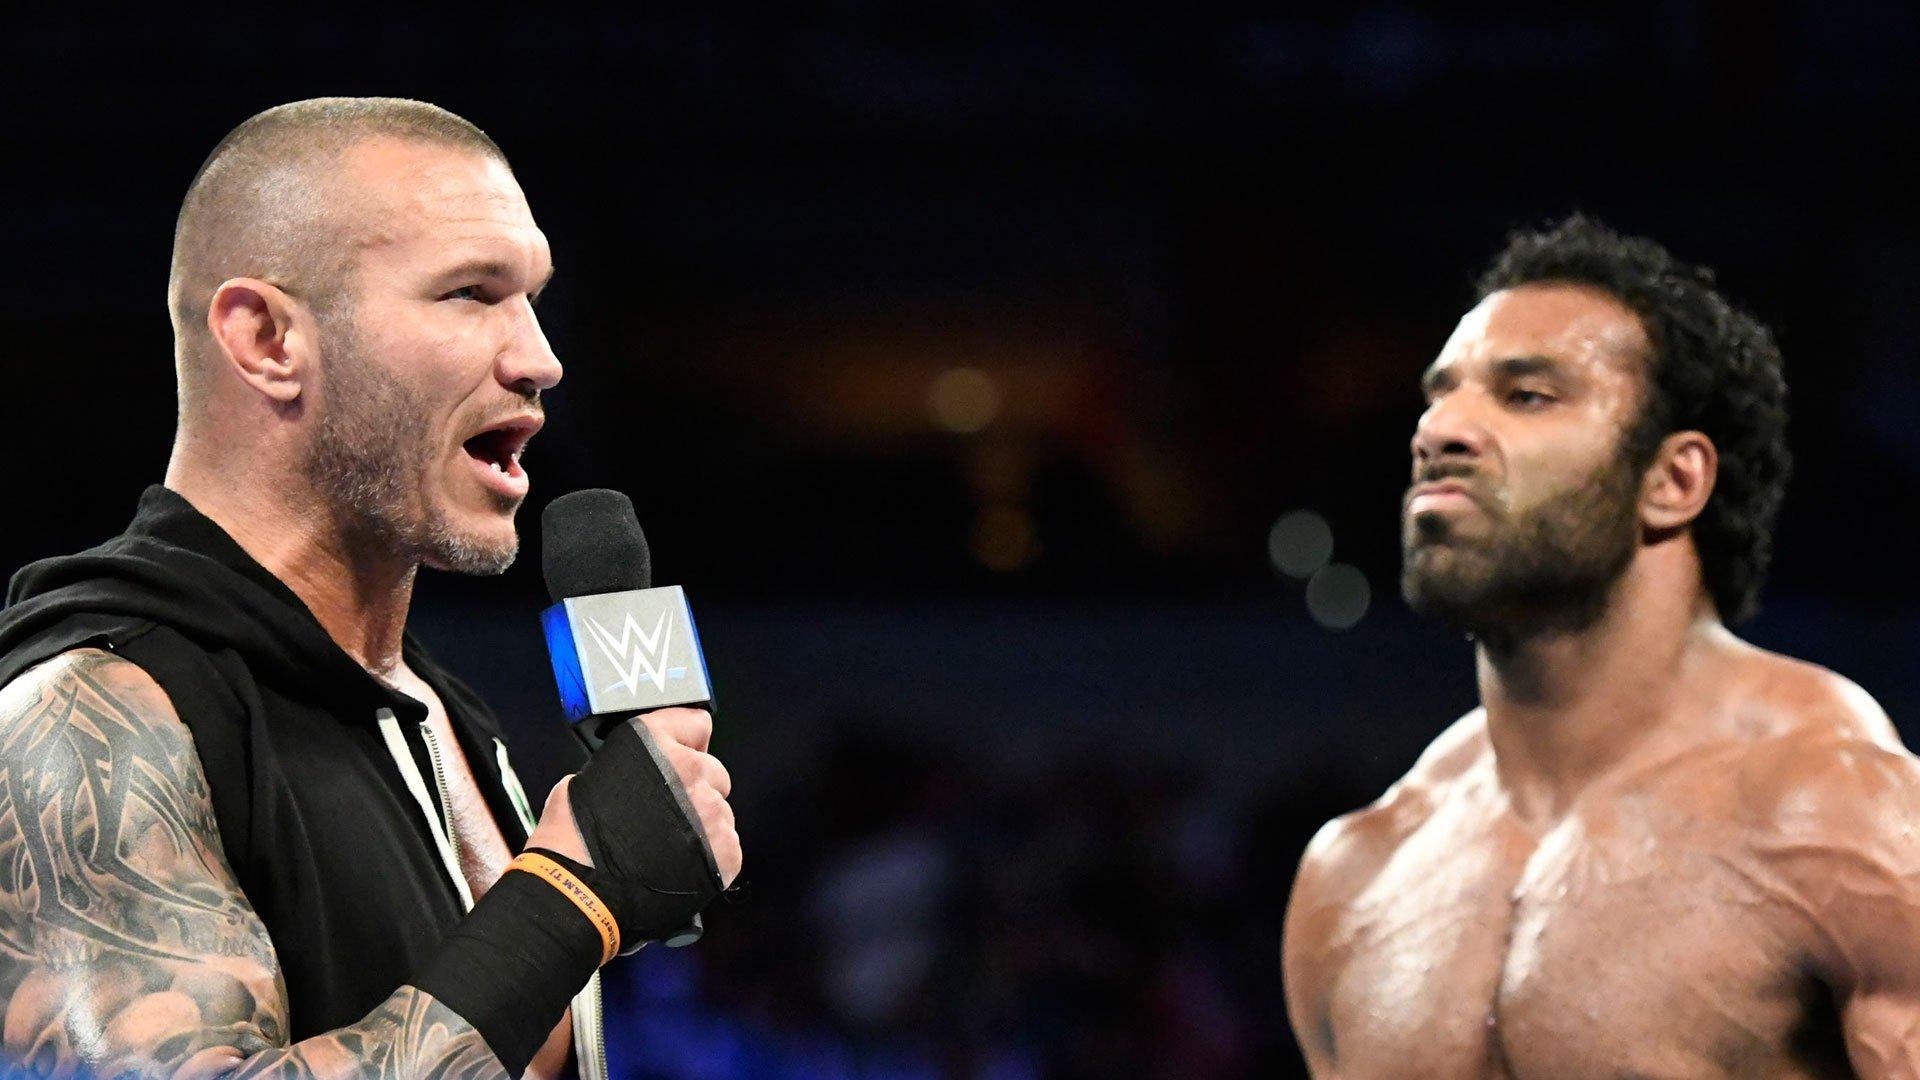 Randy Orton se confronte à Jinder Mahal et s'adresse à Bray Wyatt: SmackDown LIVE, 18 avril 2017